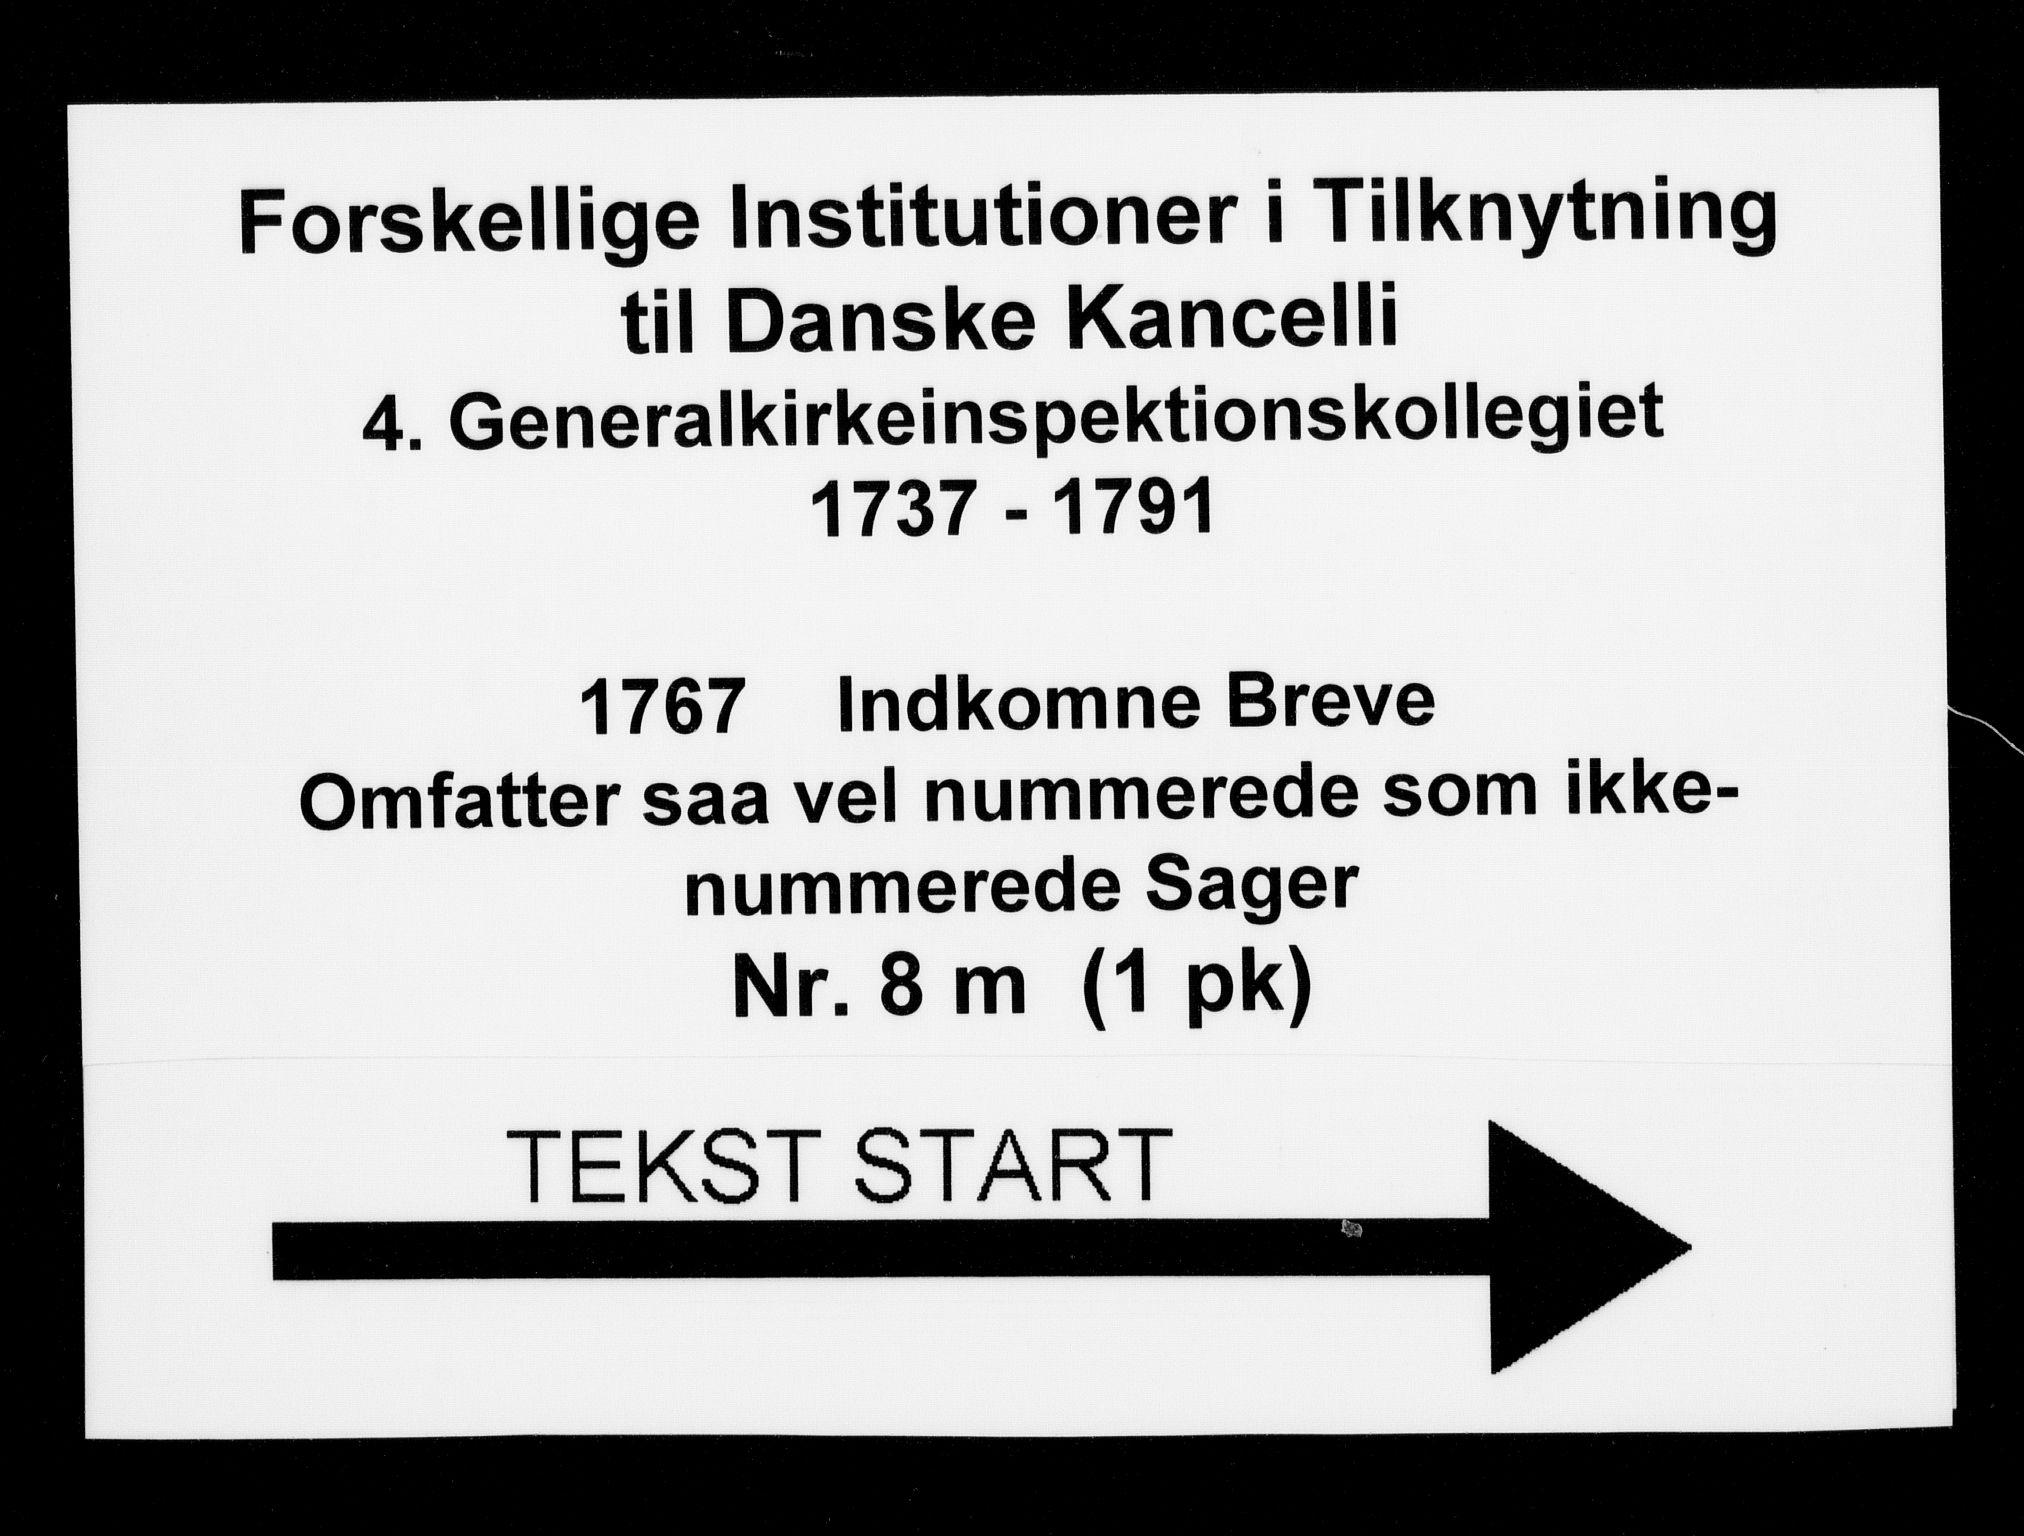 DRA, Generalkirkeinspektionskollegiet, F4-08/F4-08-13: Indkomne sager, 1767